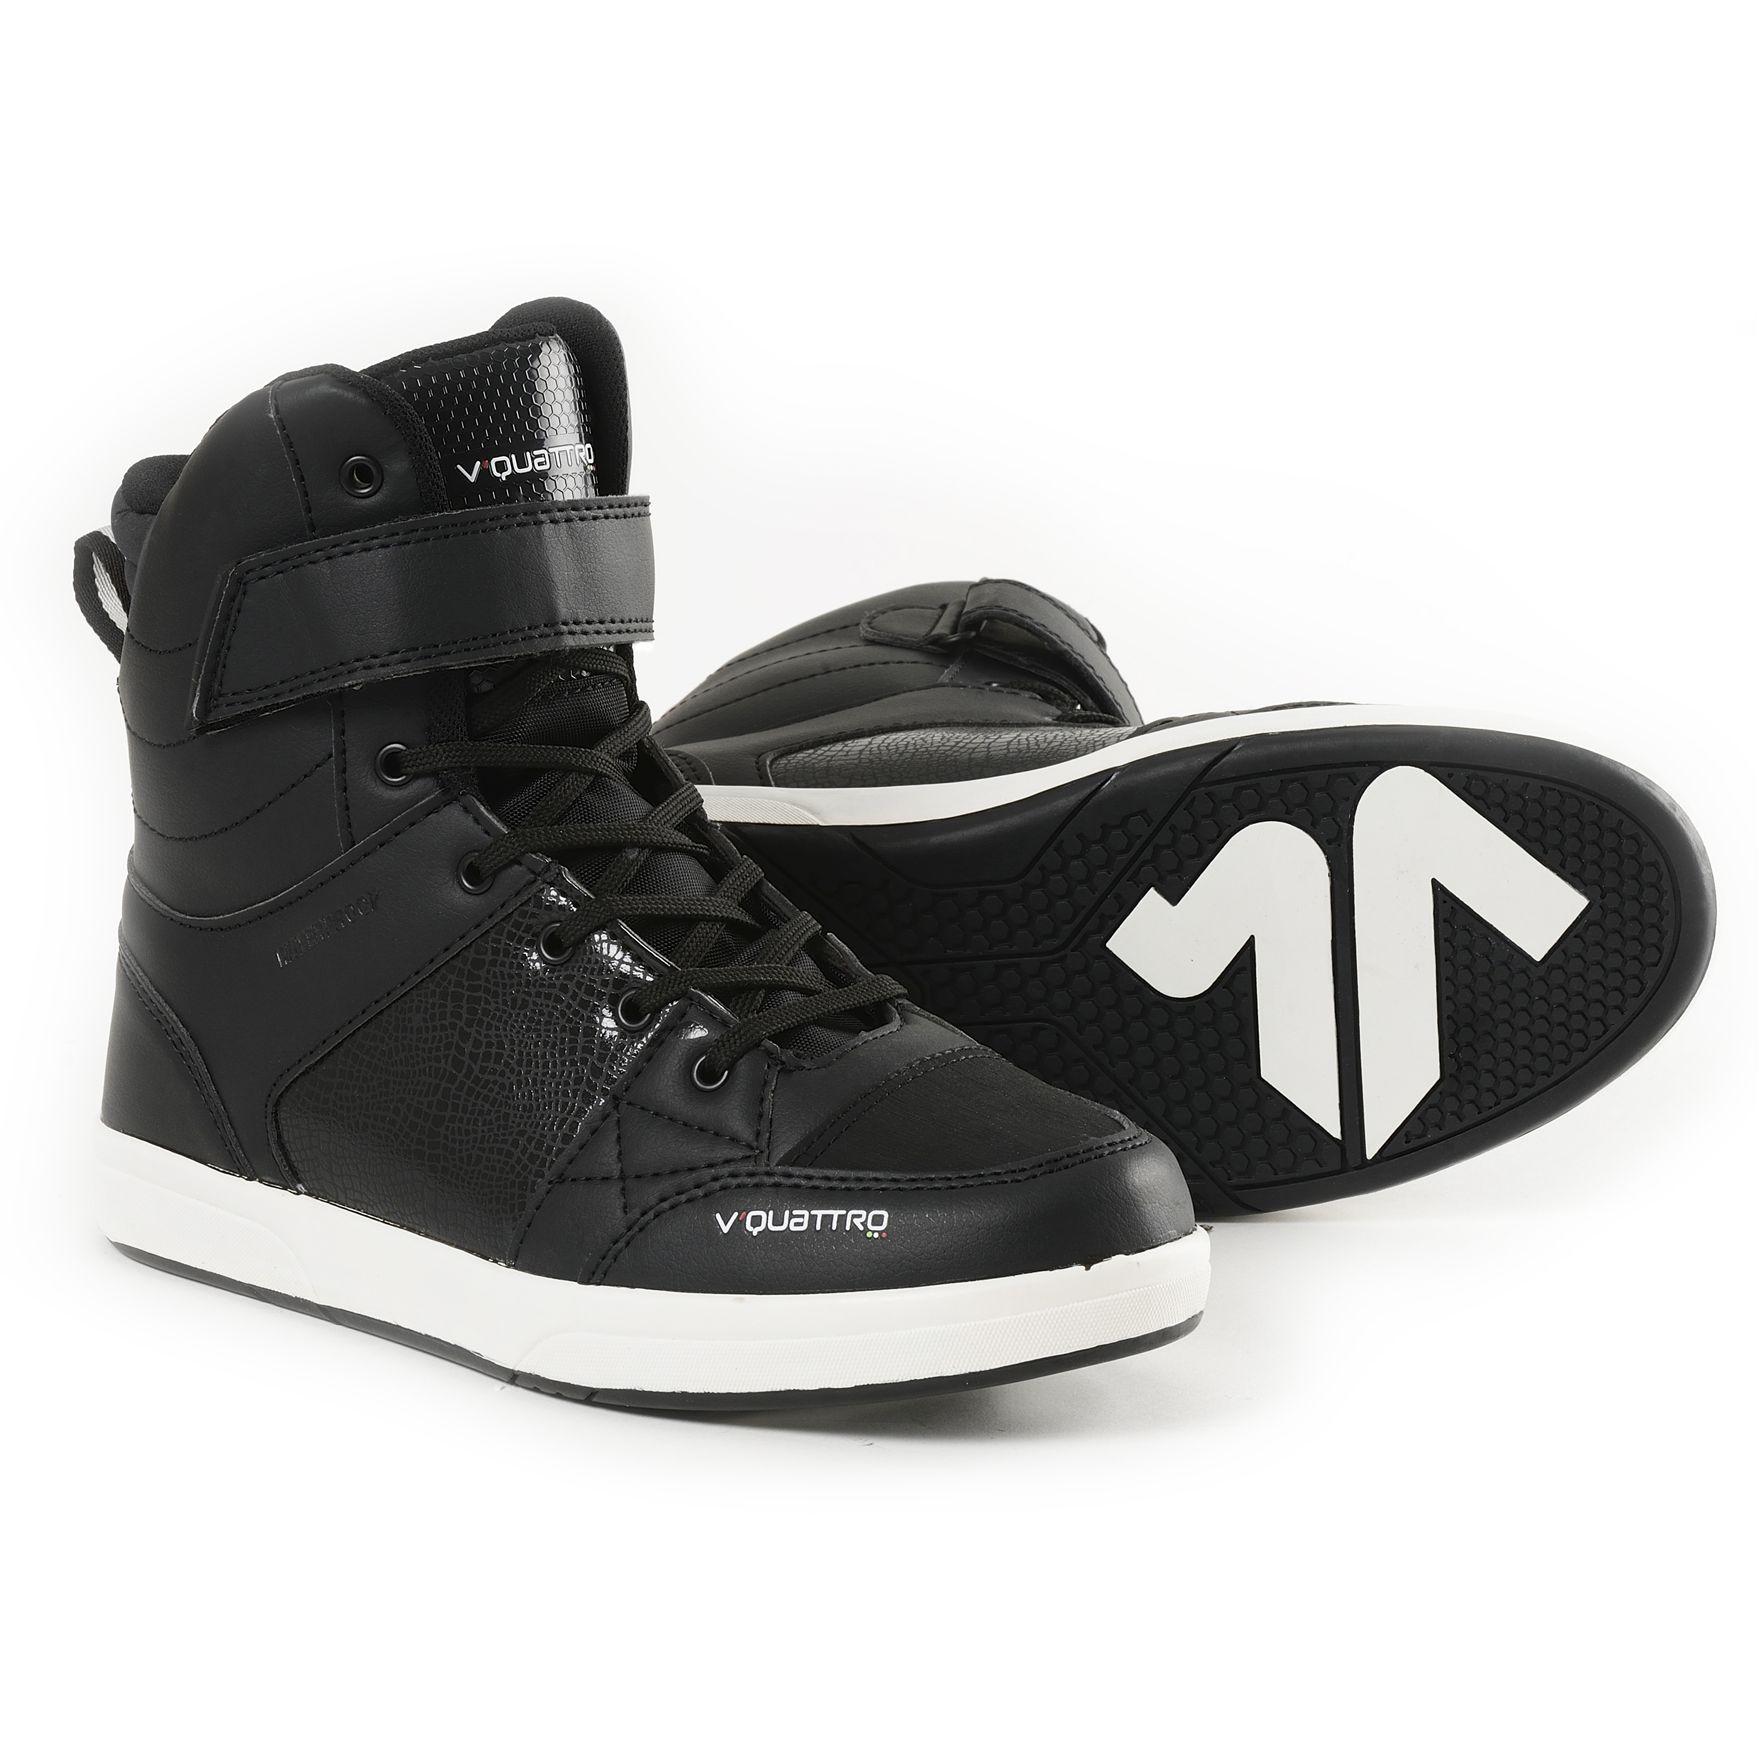 Scarpe basket V Quattro MILANO ORIGINAL - Stivali e scarpe moto 5c4cee4e18ce